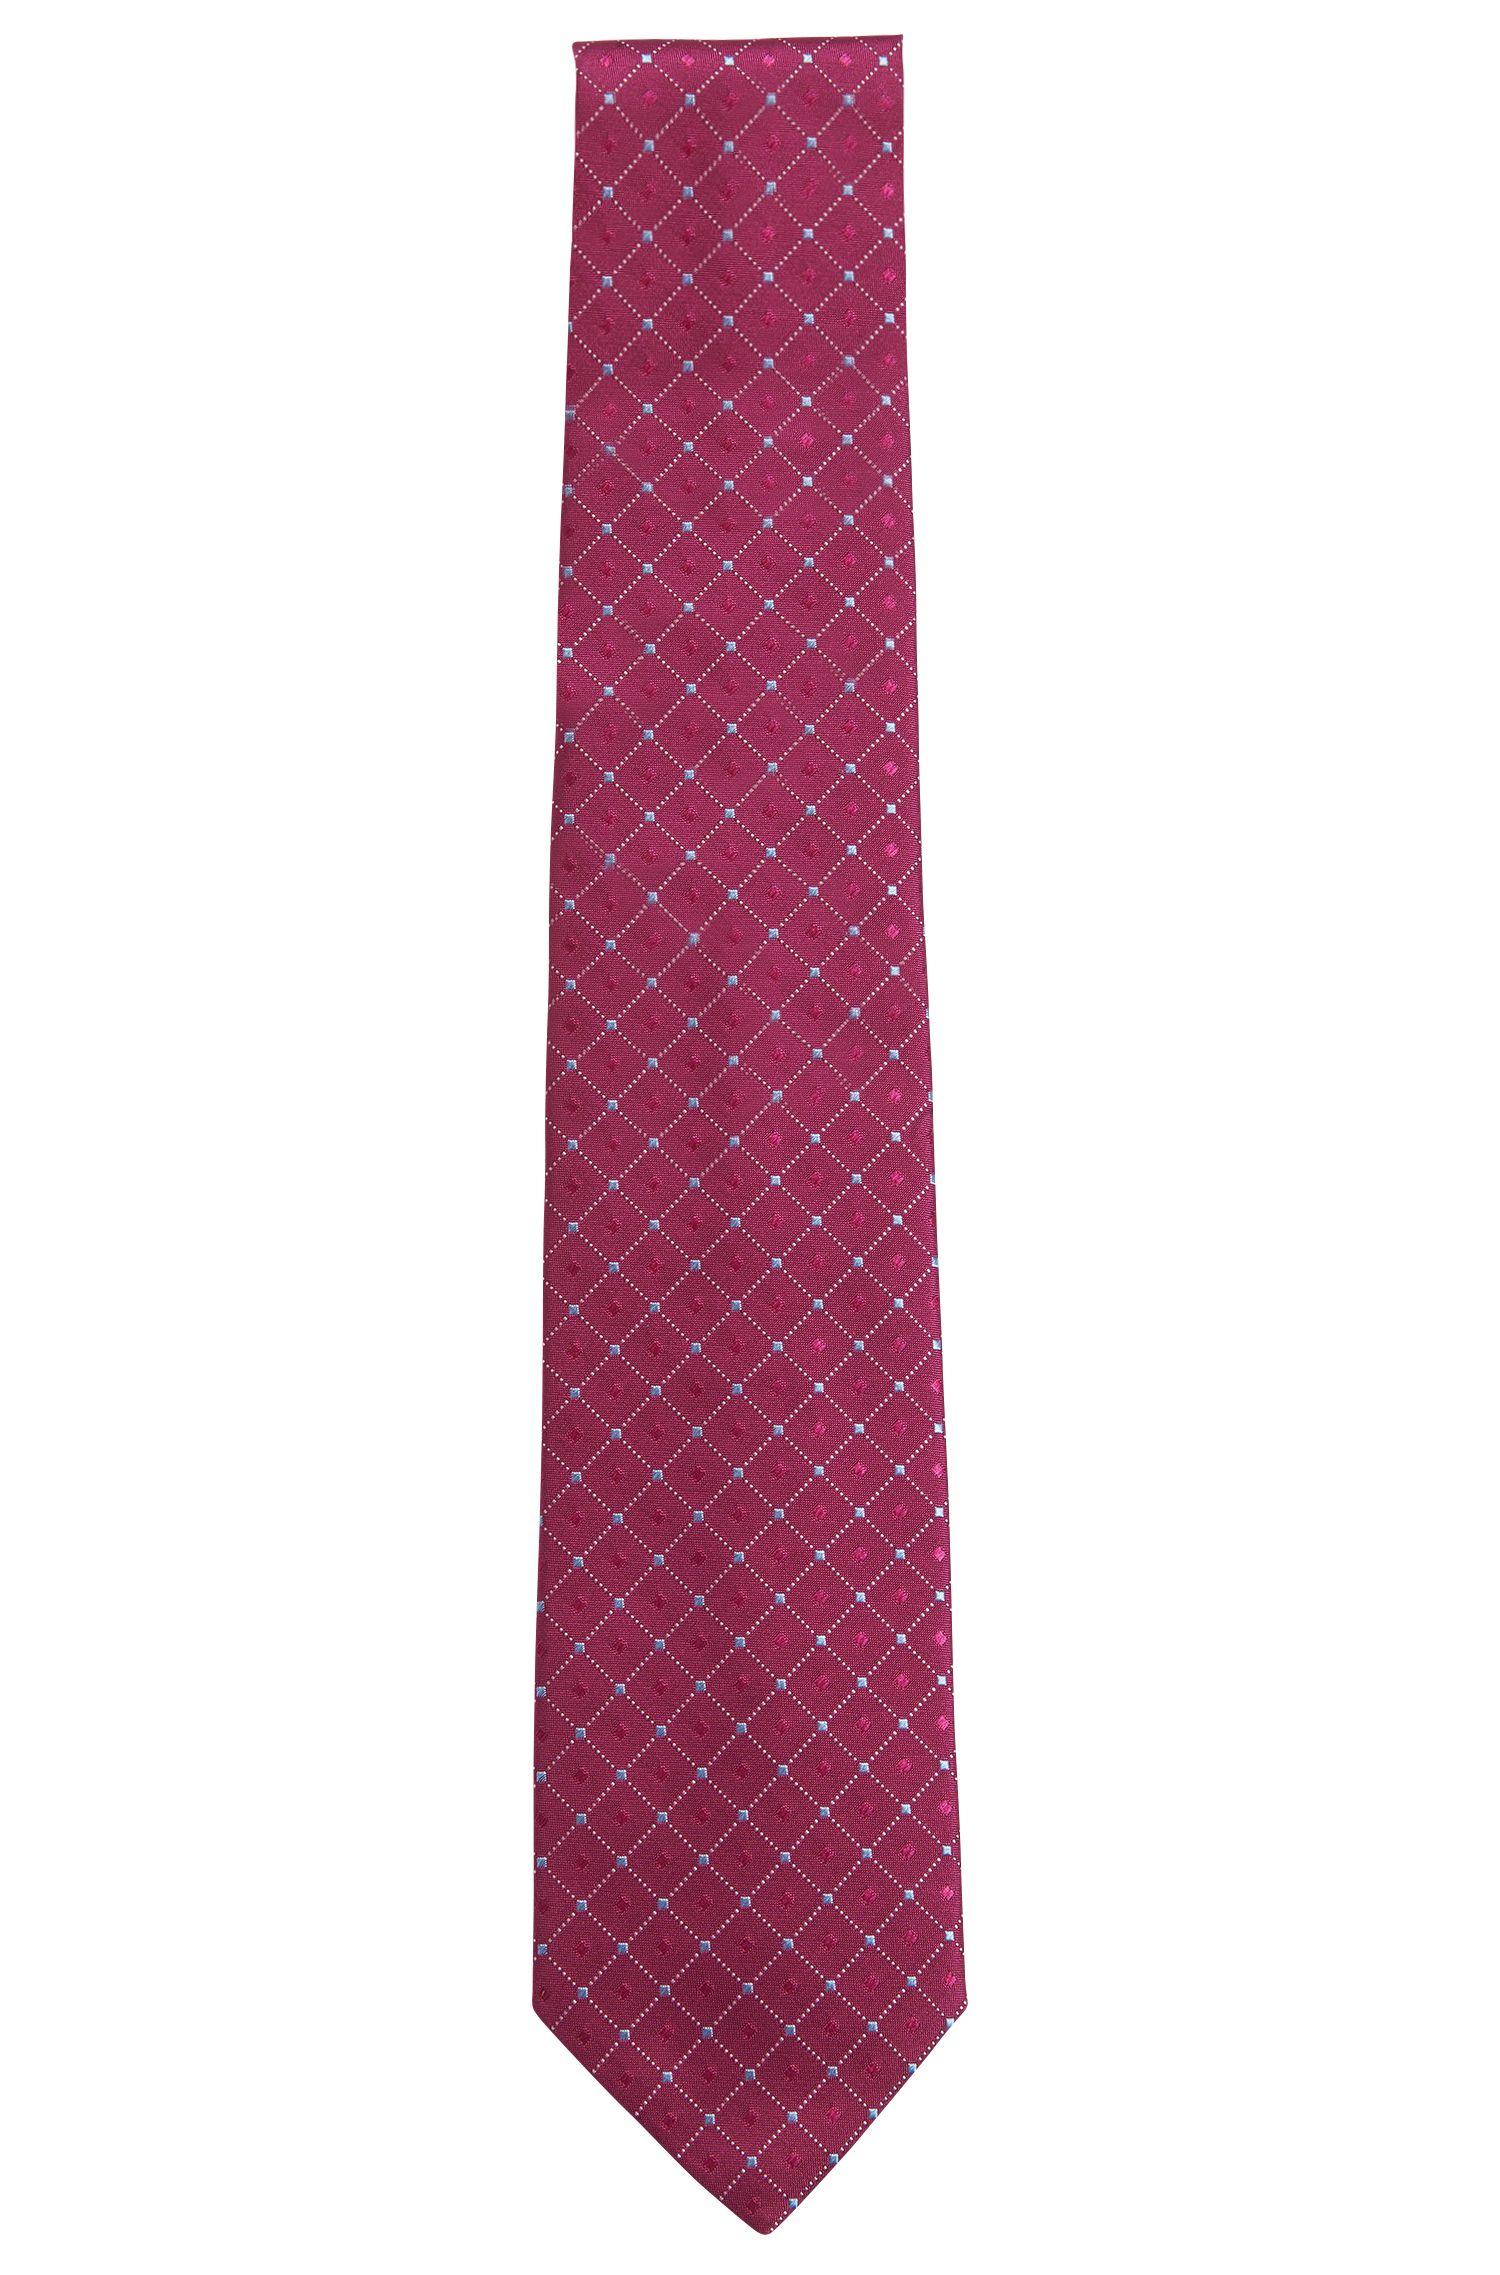 'Tie 7.5 cm' | Regular, Silk Tie